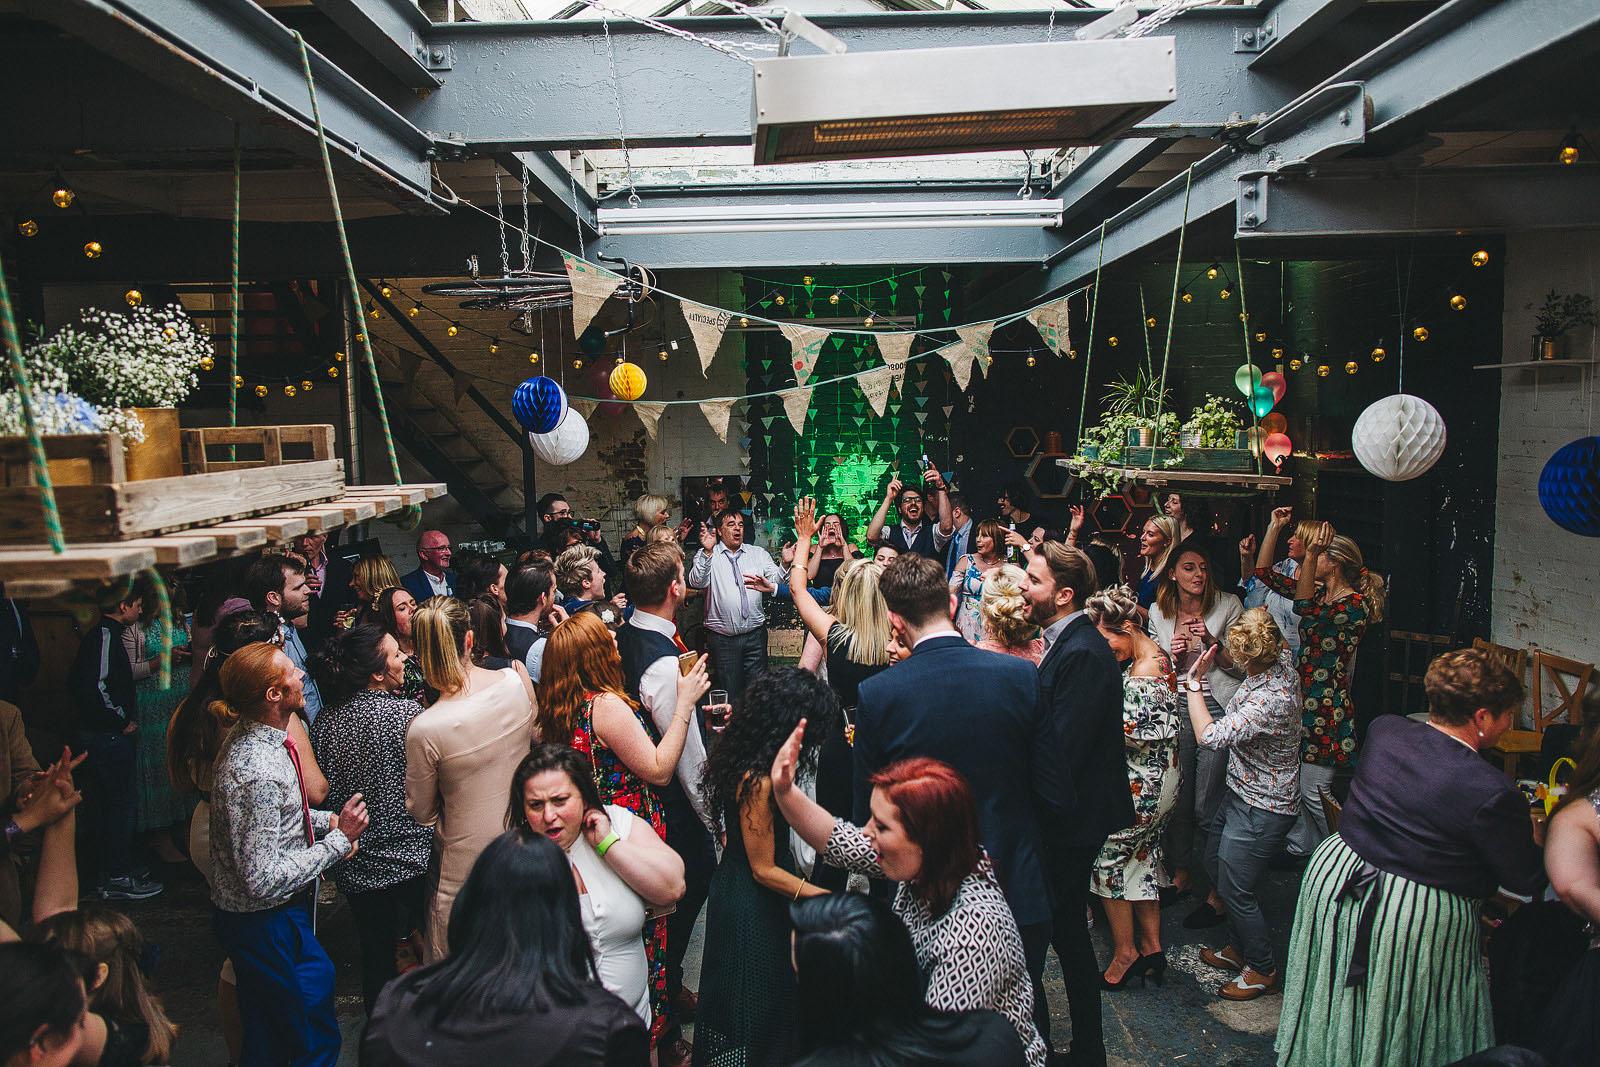 Sheffield wedding venue